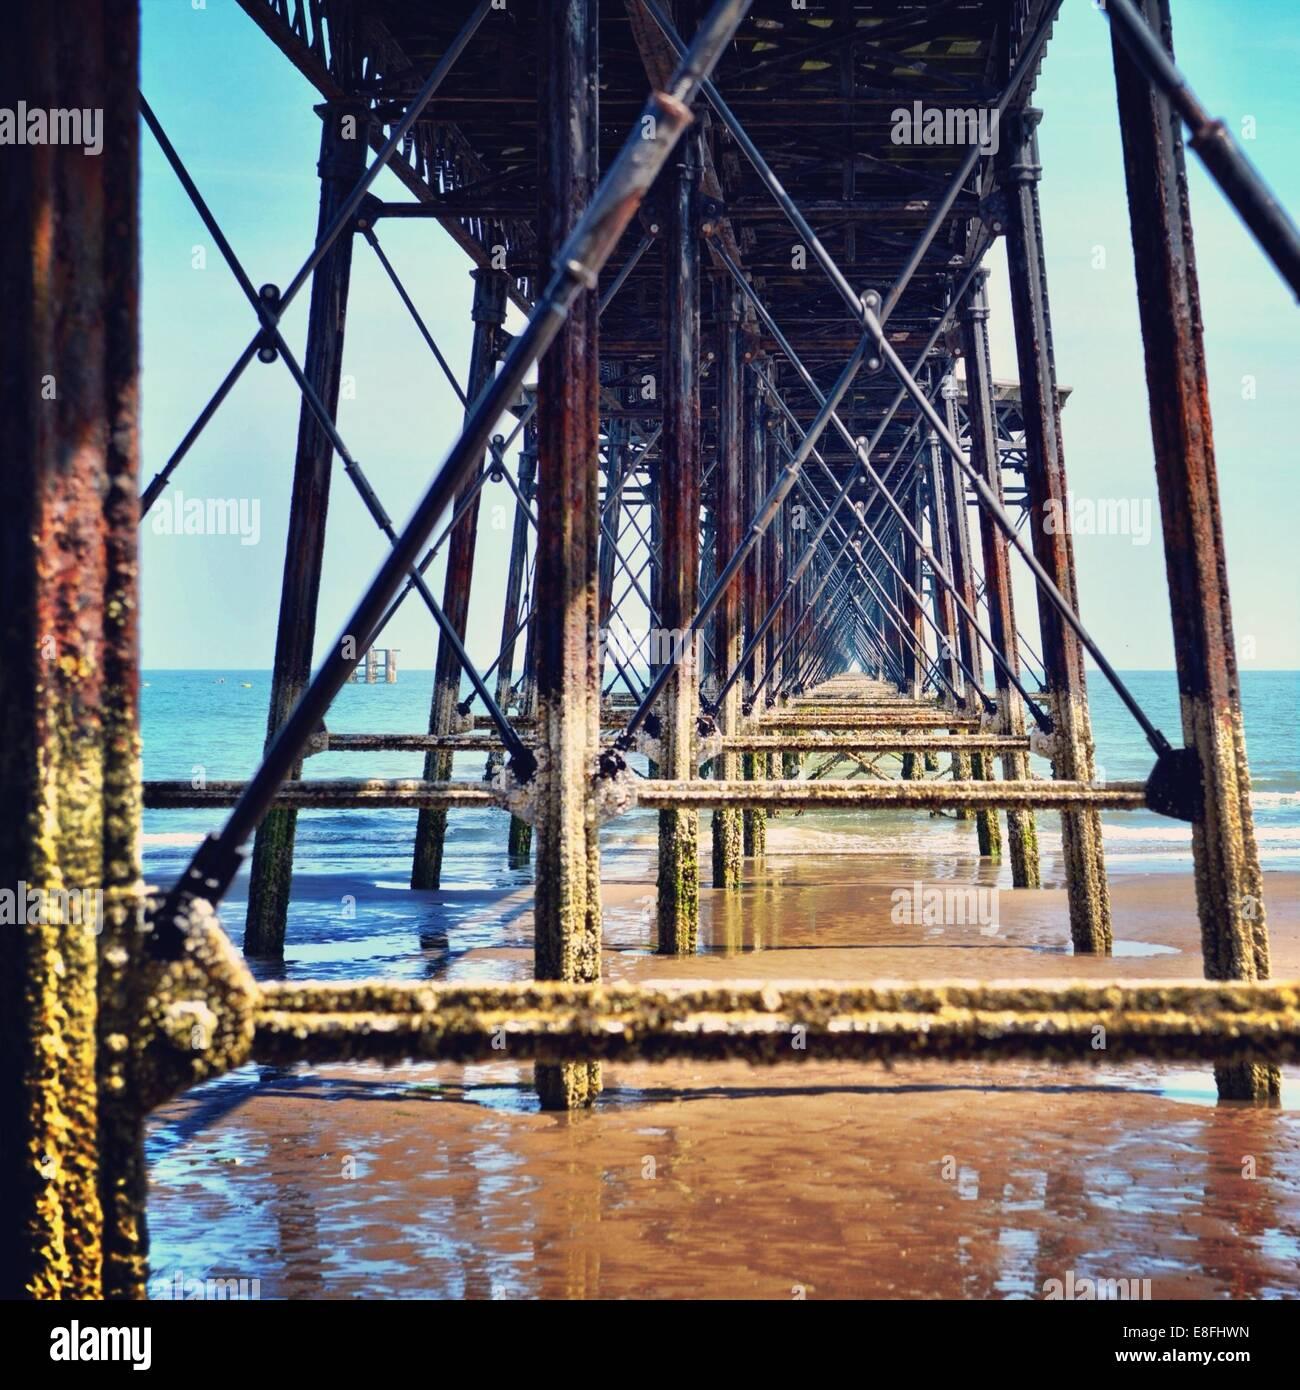 L'île de Man, en dessous de la Queen's Pier Photo Stock